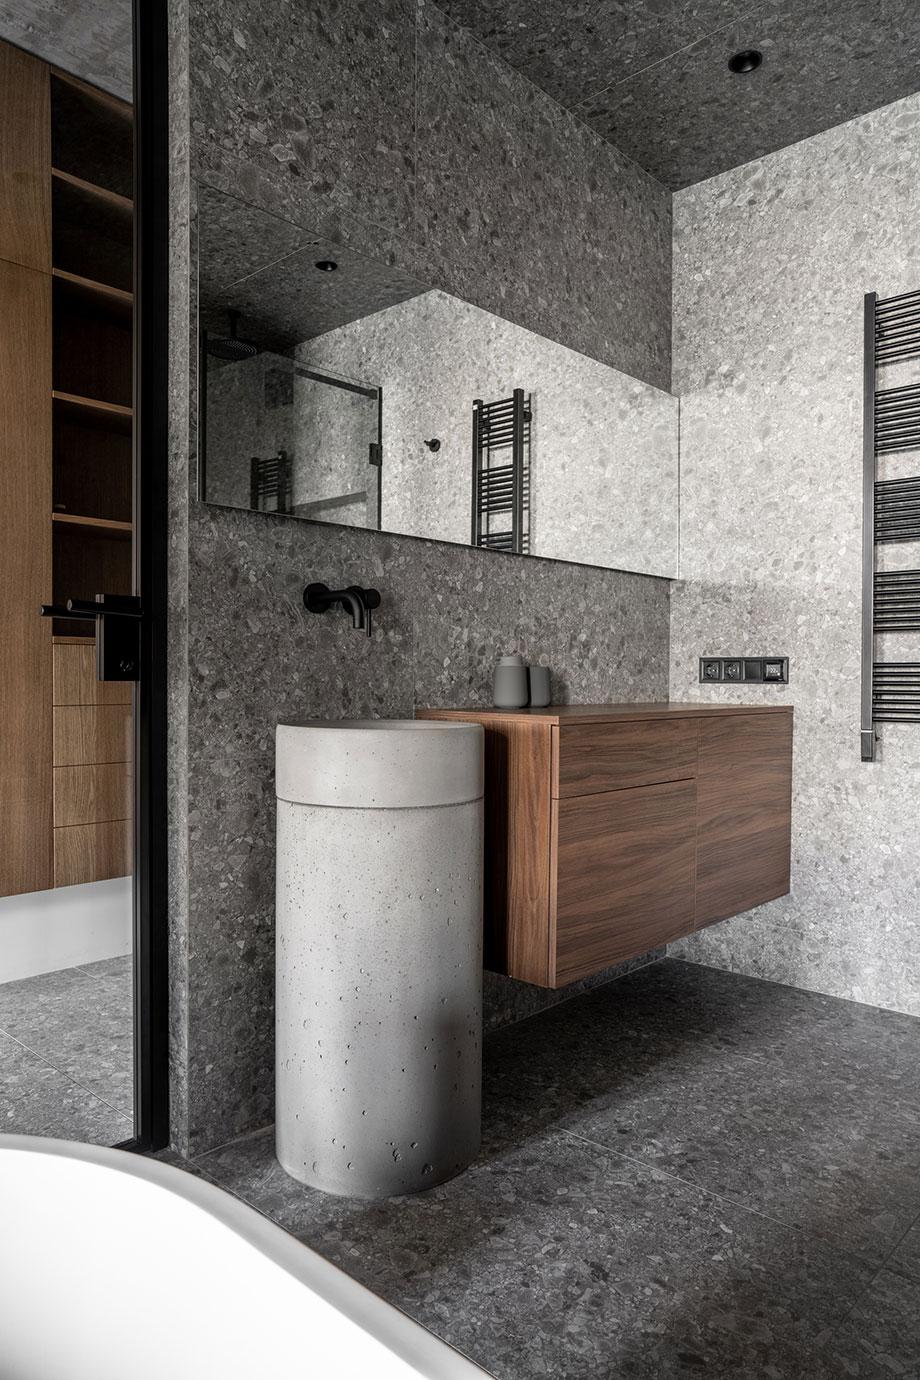 apartamento en kiev de fild (15) - foto andrey bezuglov